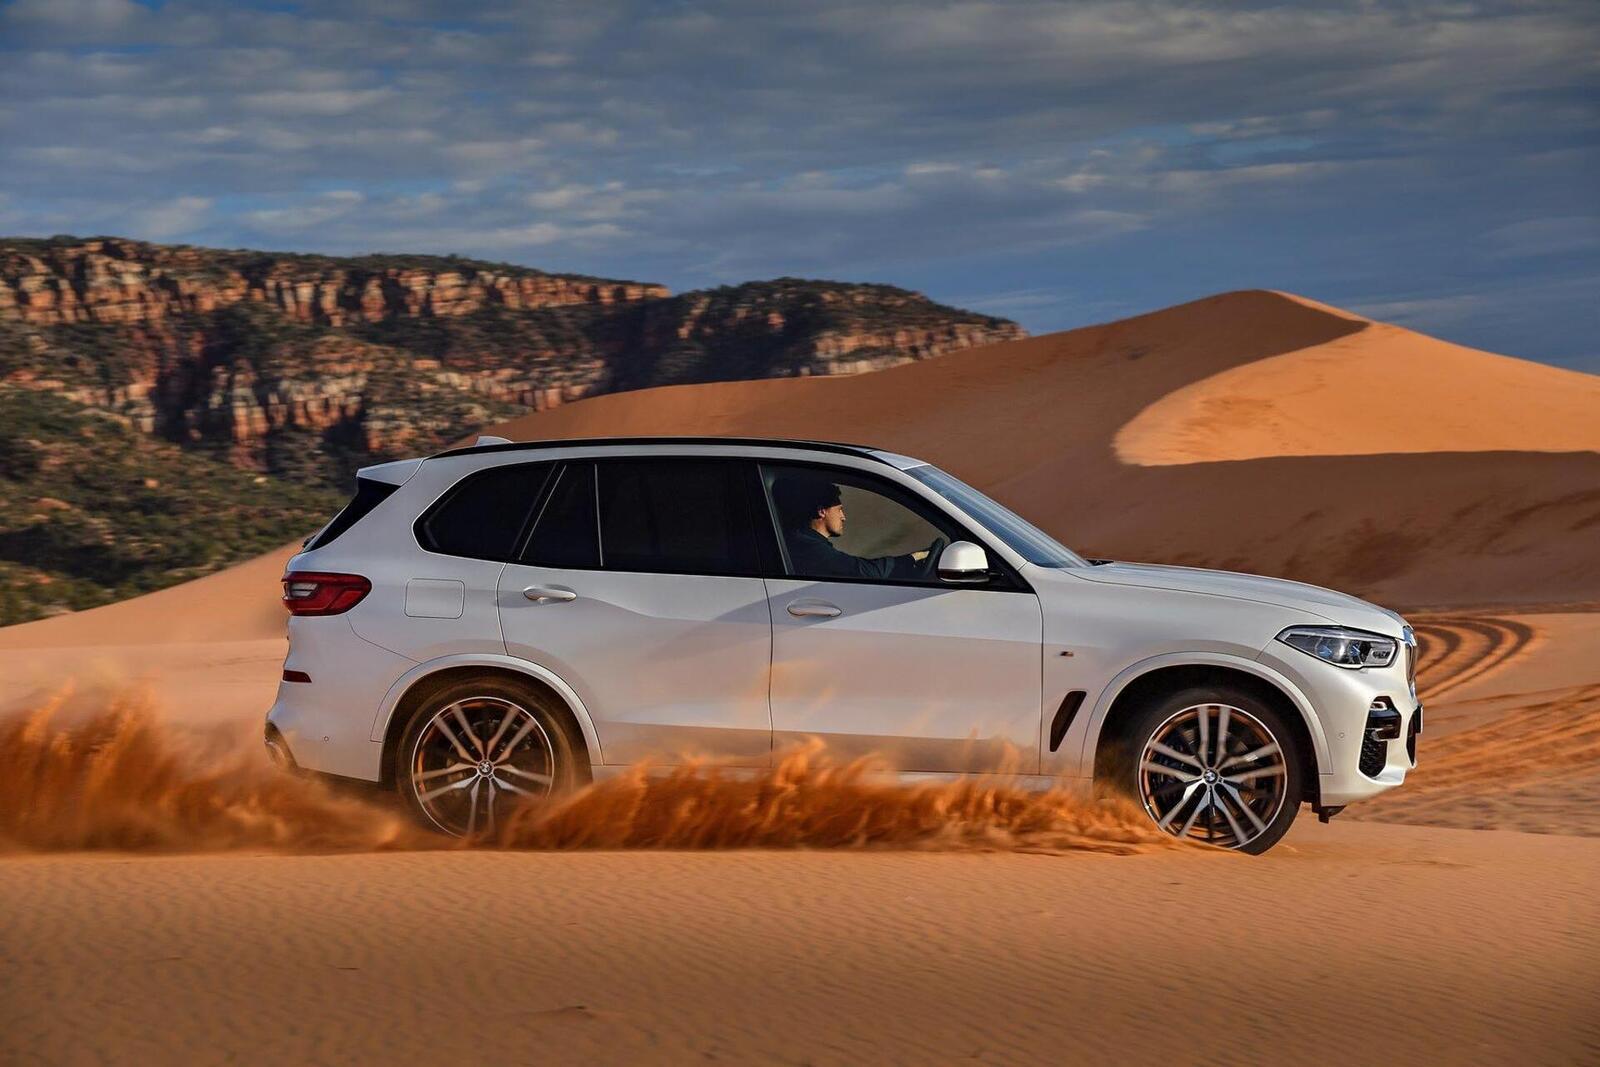 Hôm nay BMW X7 và X5 thế hệ mới sẽ ra mắt tại Việt Nam; mời các bác dự đoán giá bán - Hình 8